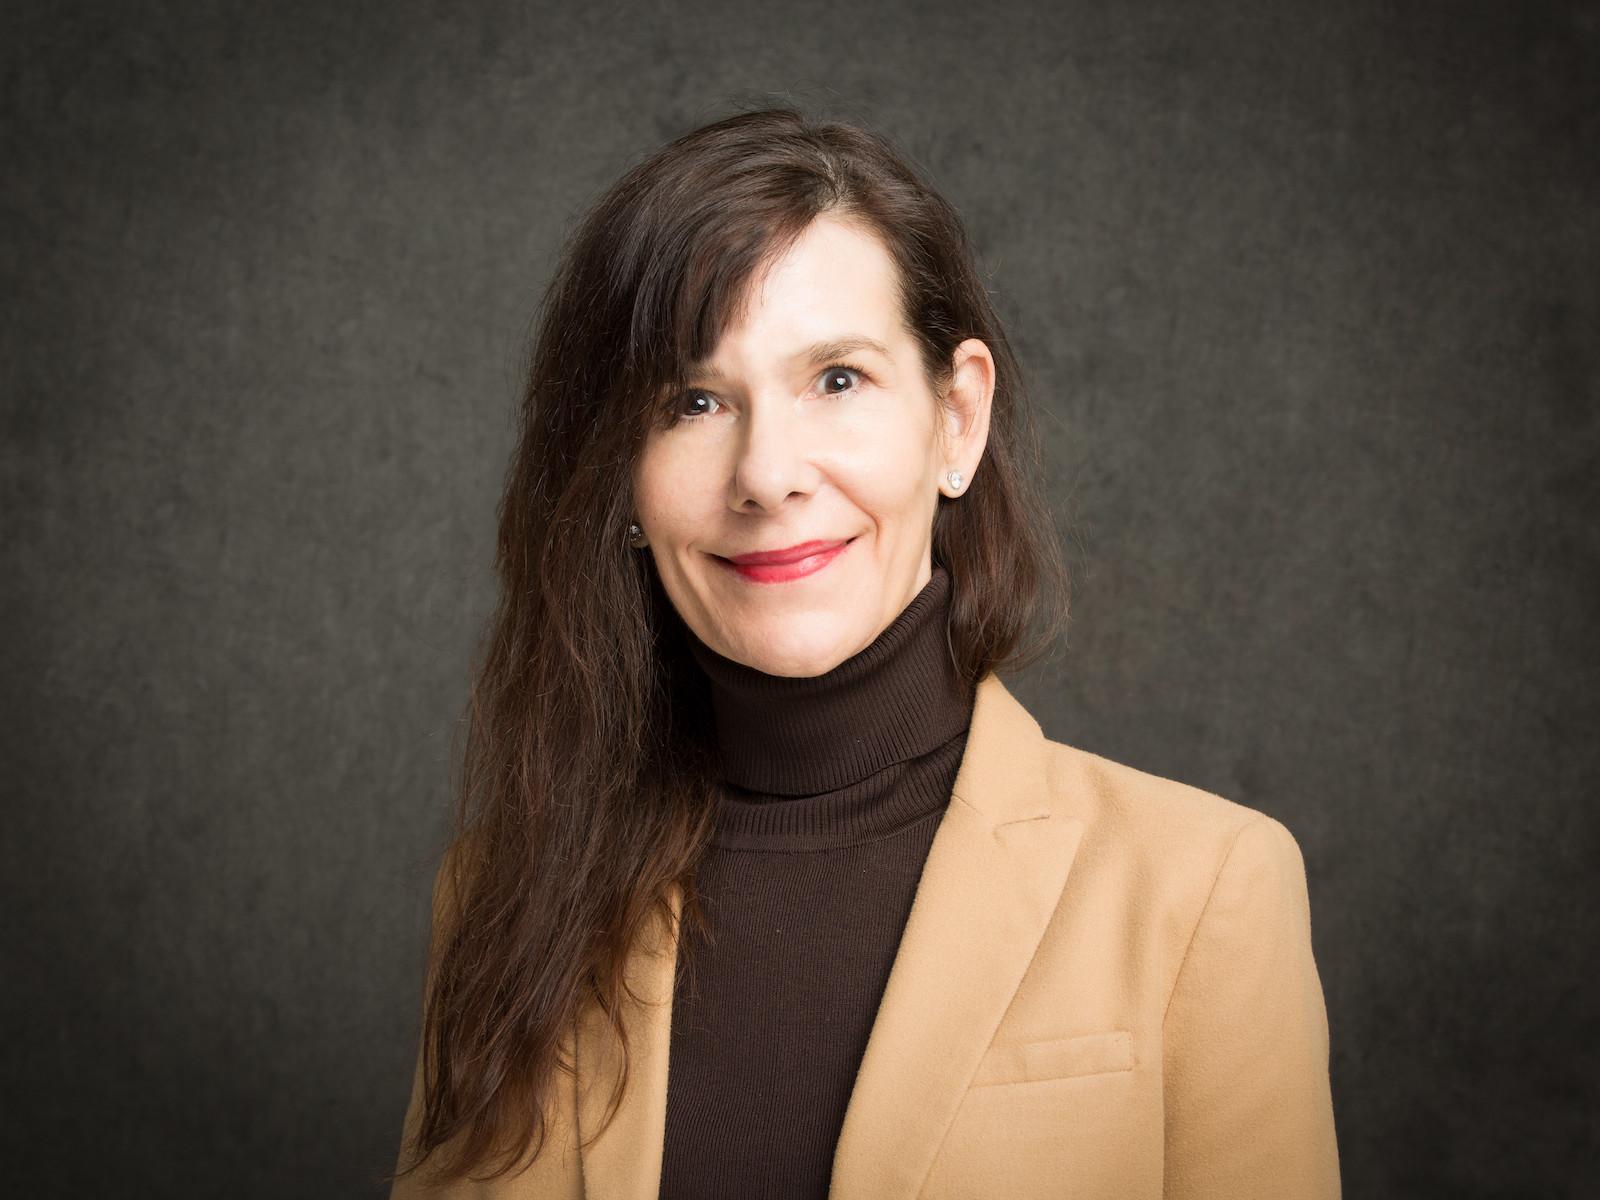 Sarah Iiams